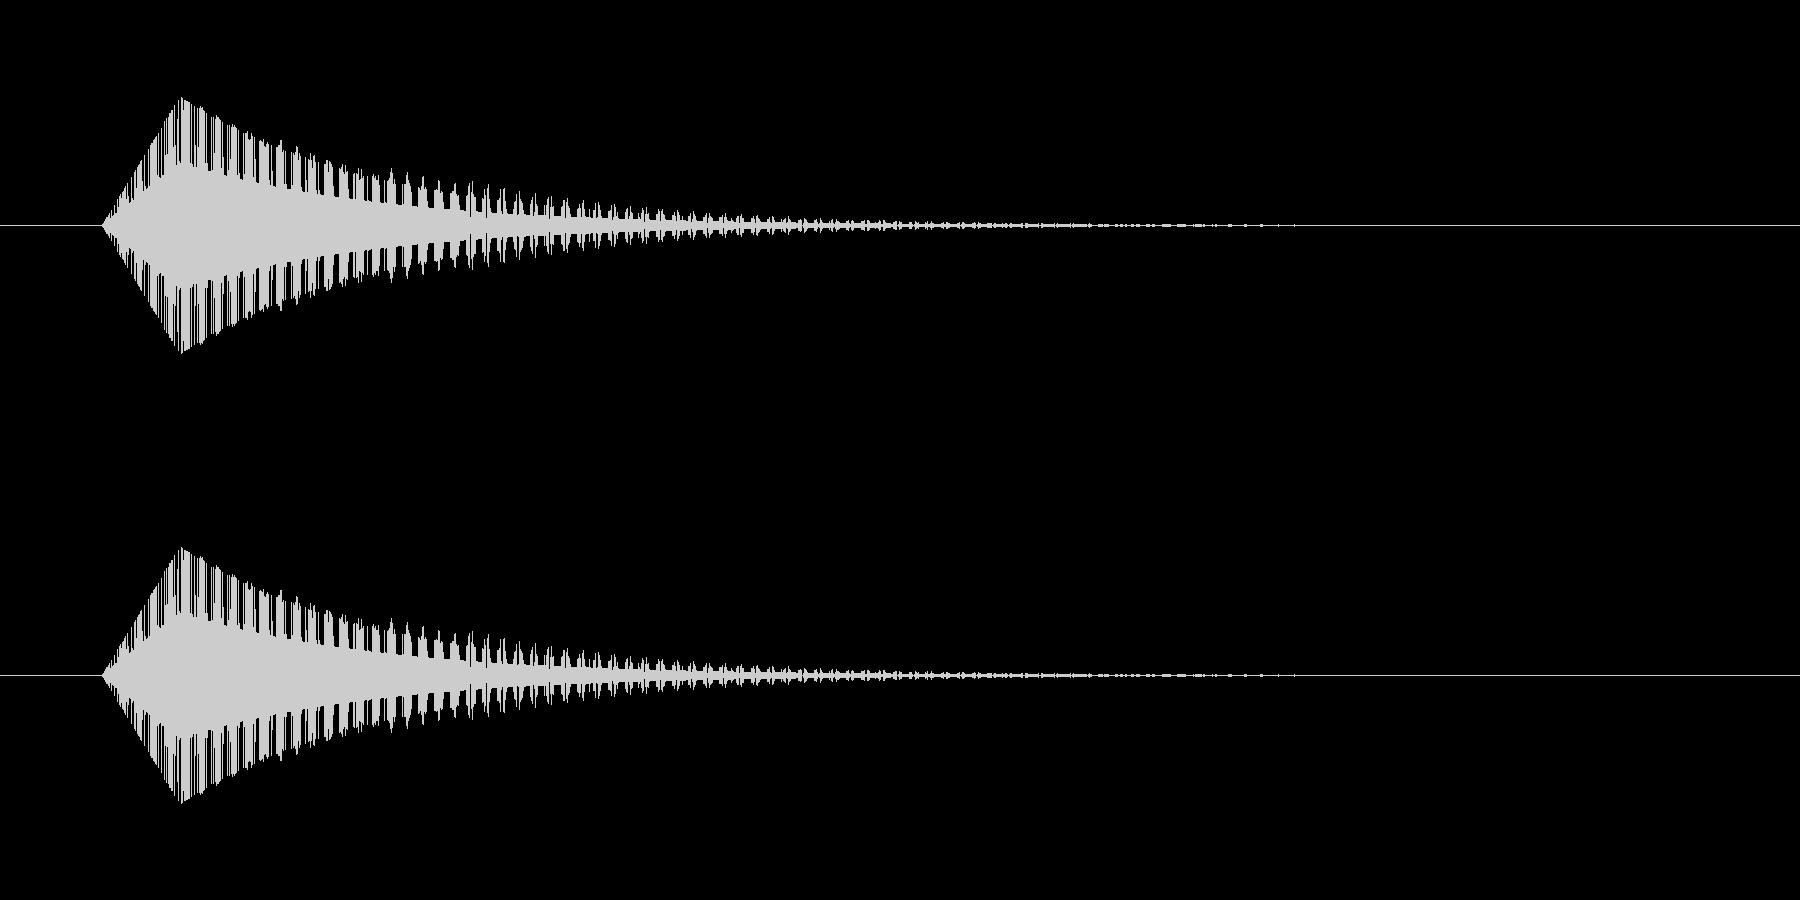 ギュイーン レトロゲーム風 魔法の未再生の波形